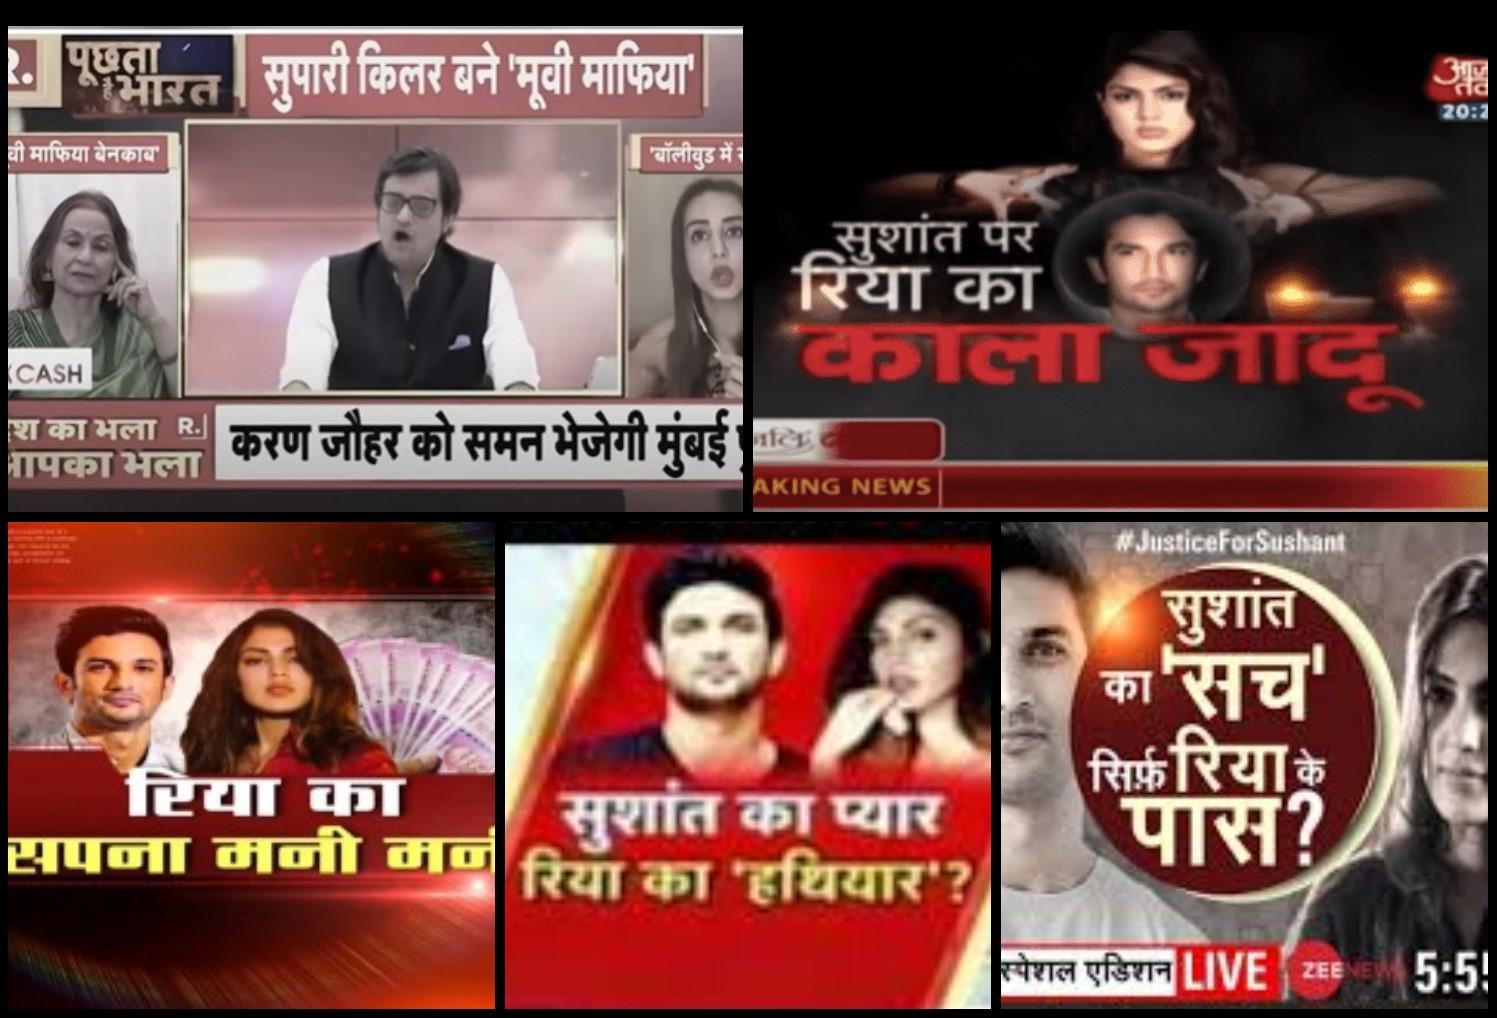 سشانت معاملے کو لےکر مختلف ٹی وی چینلوں کی کوریج (بہ شکریہ: متعلقہ چینل/ویڈیوگریب)